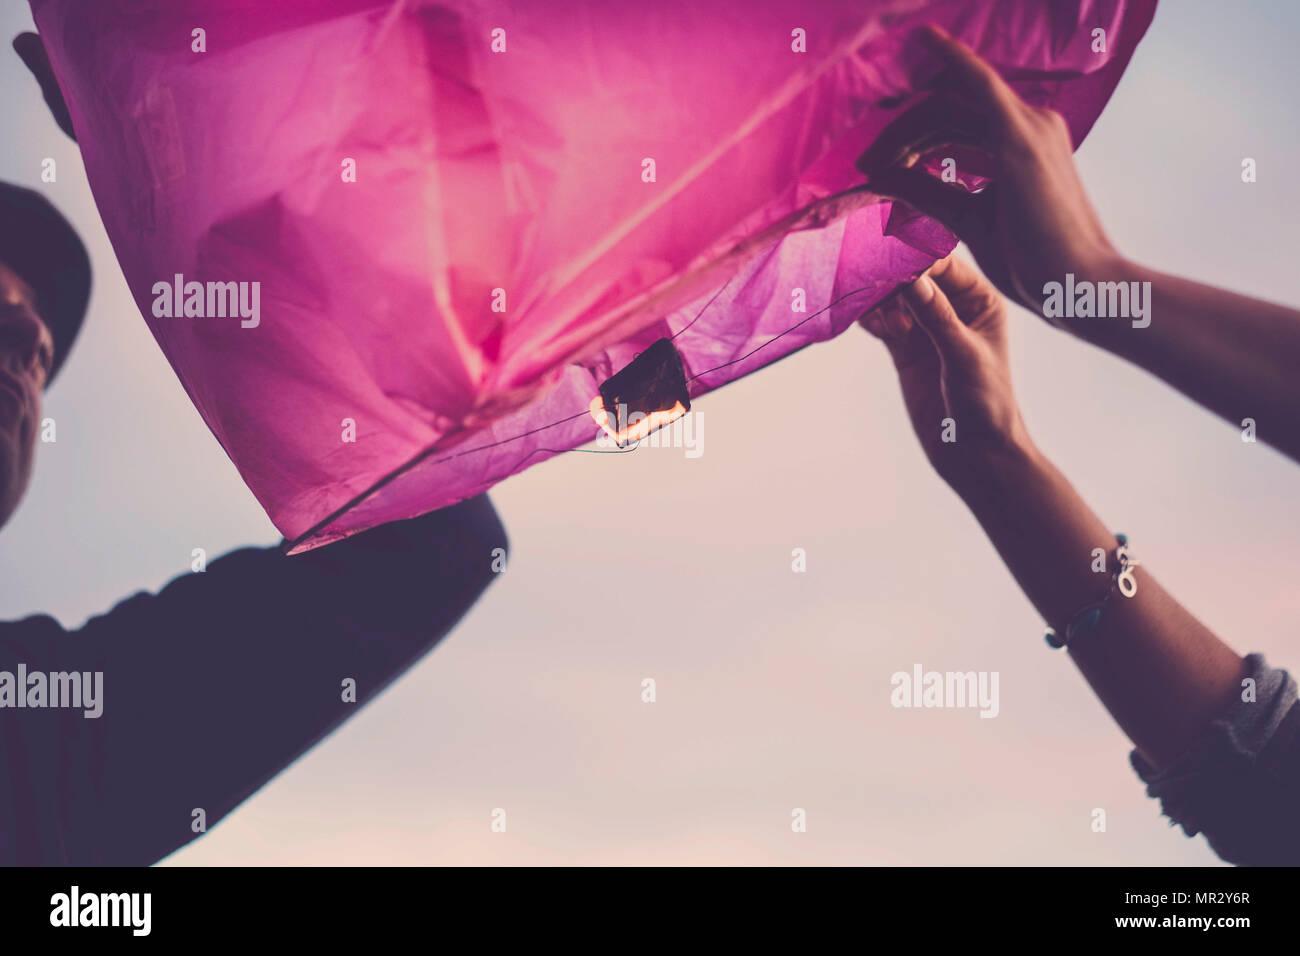 Rosa chinesische Laterne bereit zu fliegen Träume für ein nettes Paar von Mann und Frau für immer zusammen zu realisieren Stockbild